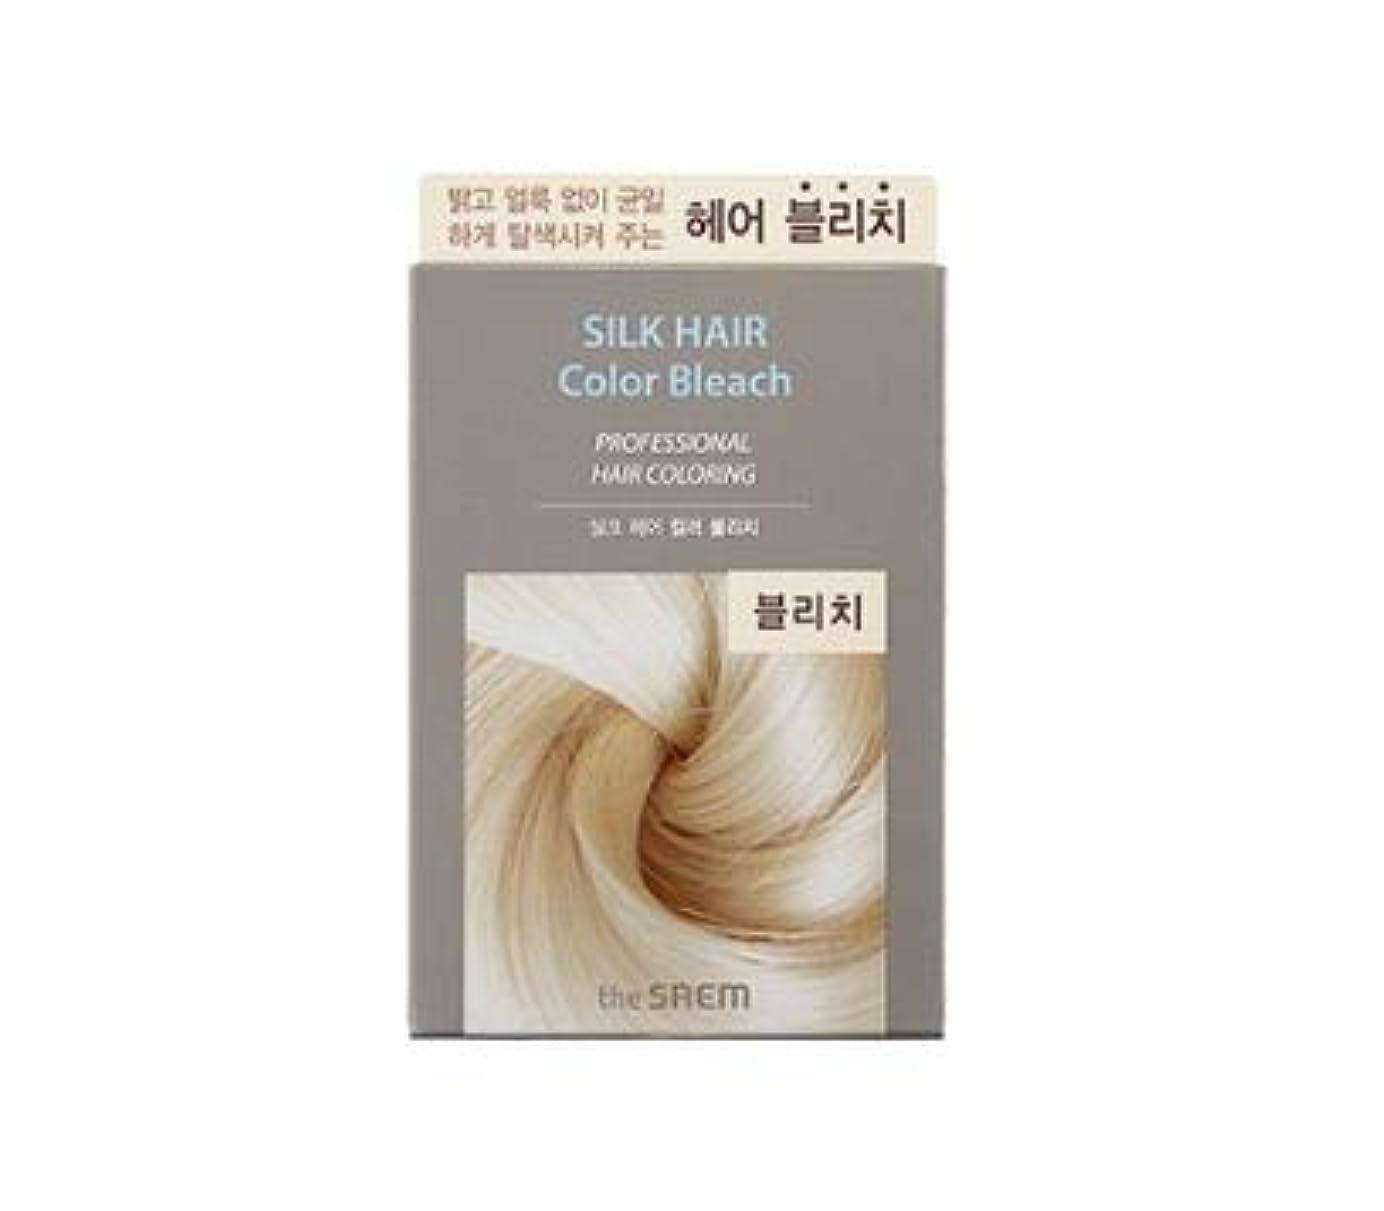 正規化症状お手入れThe Saem SliK Hair Color Bleach ザセムシルクヘアカラーブリーチ [並行輸入品]